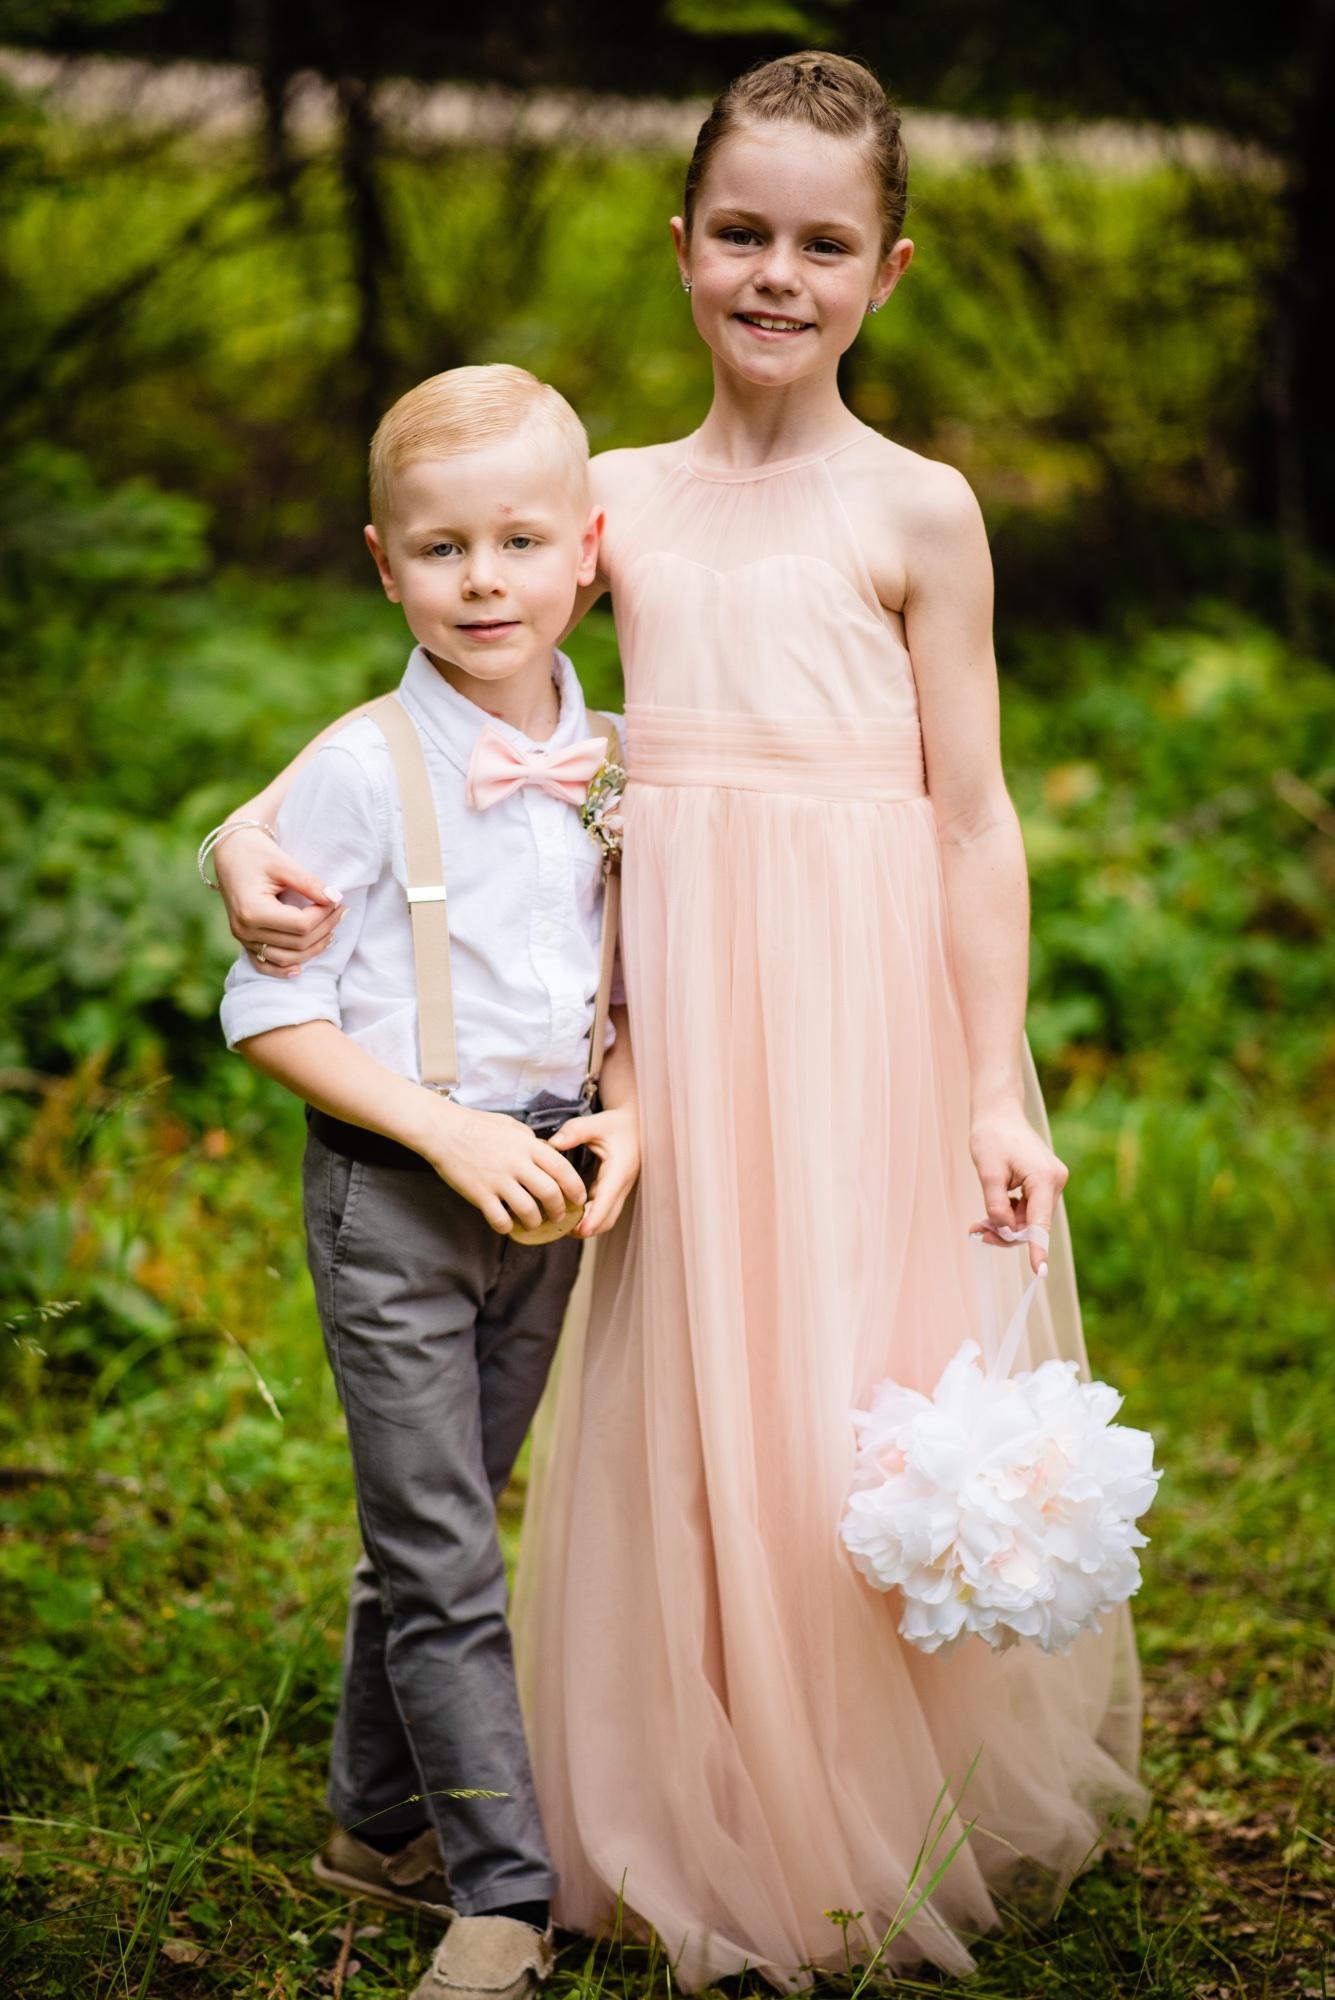 lindseyjanephotography_wedding0033.jpg